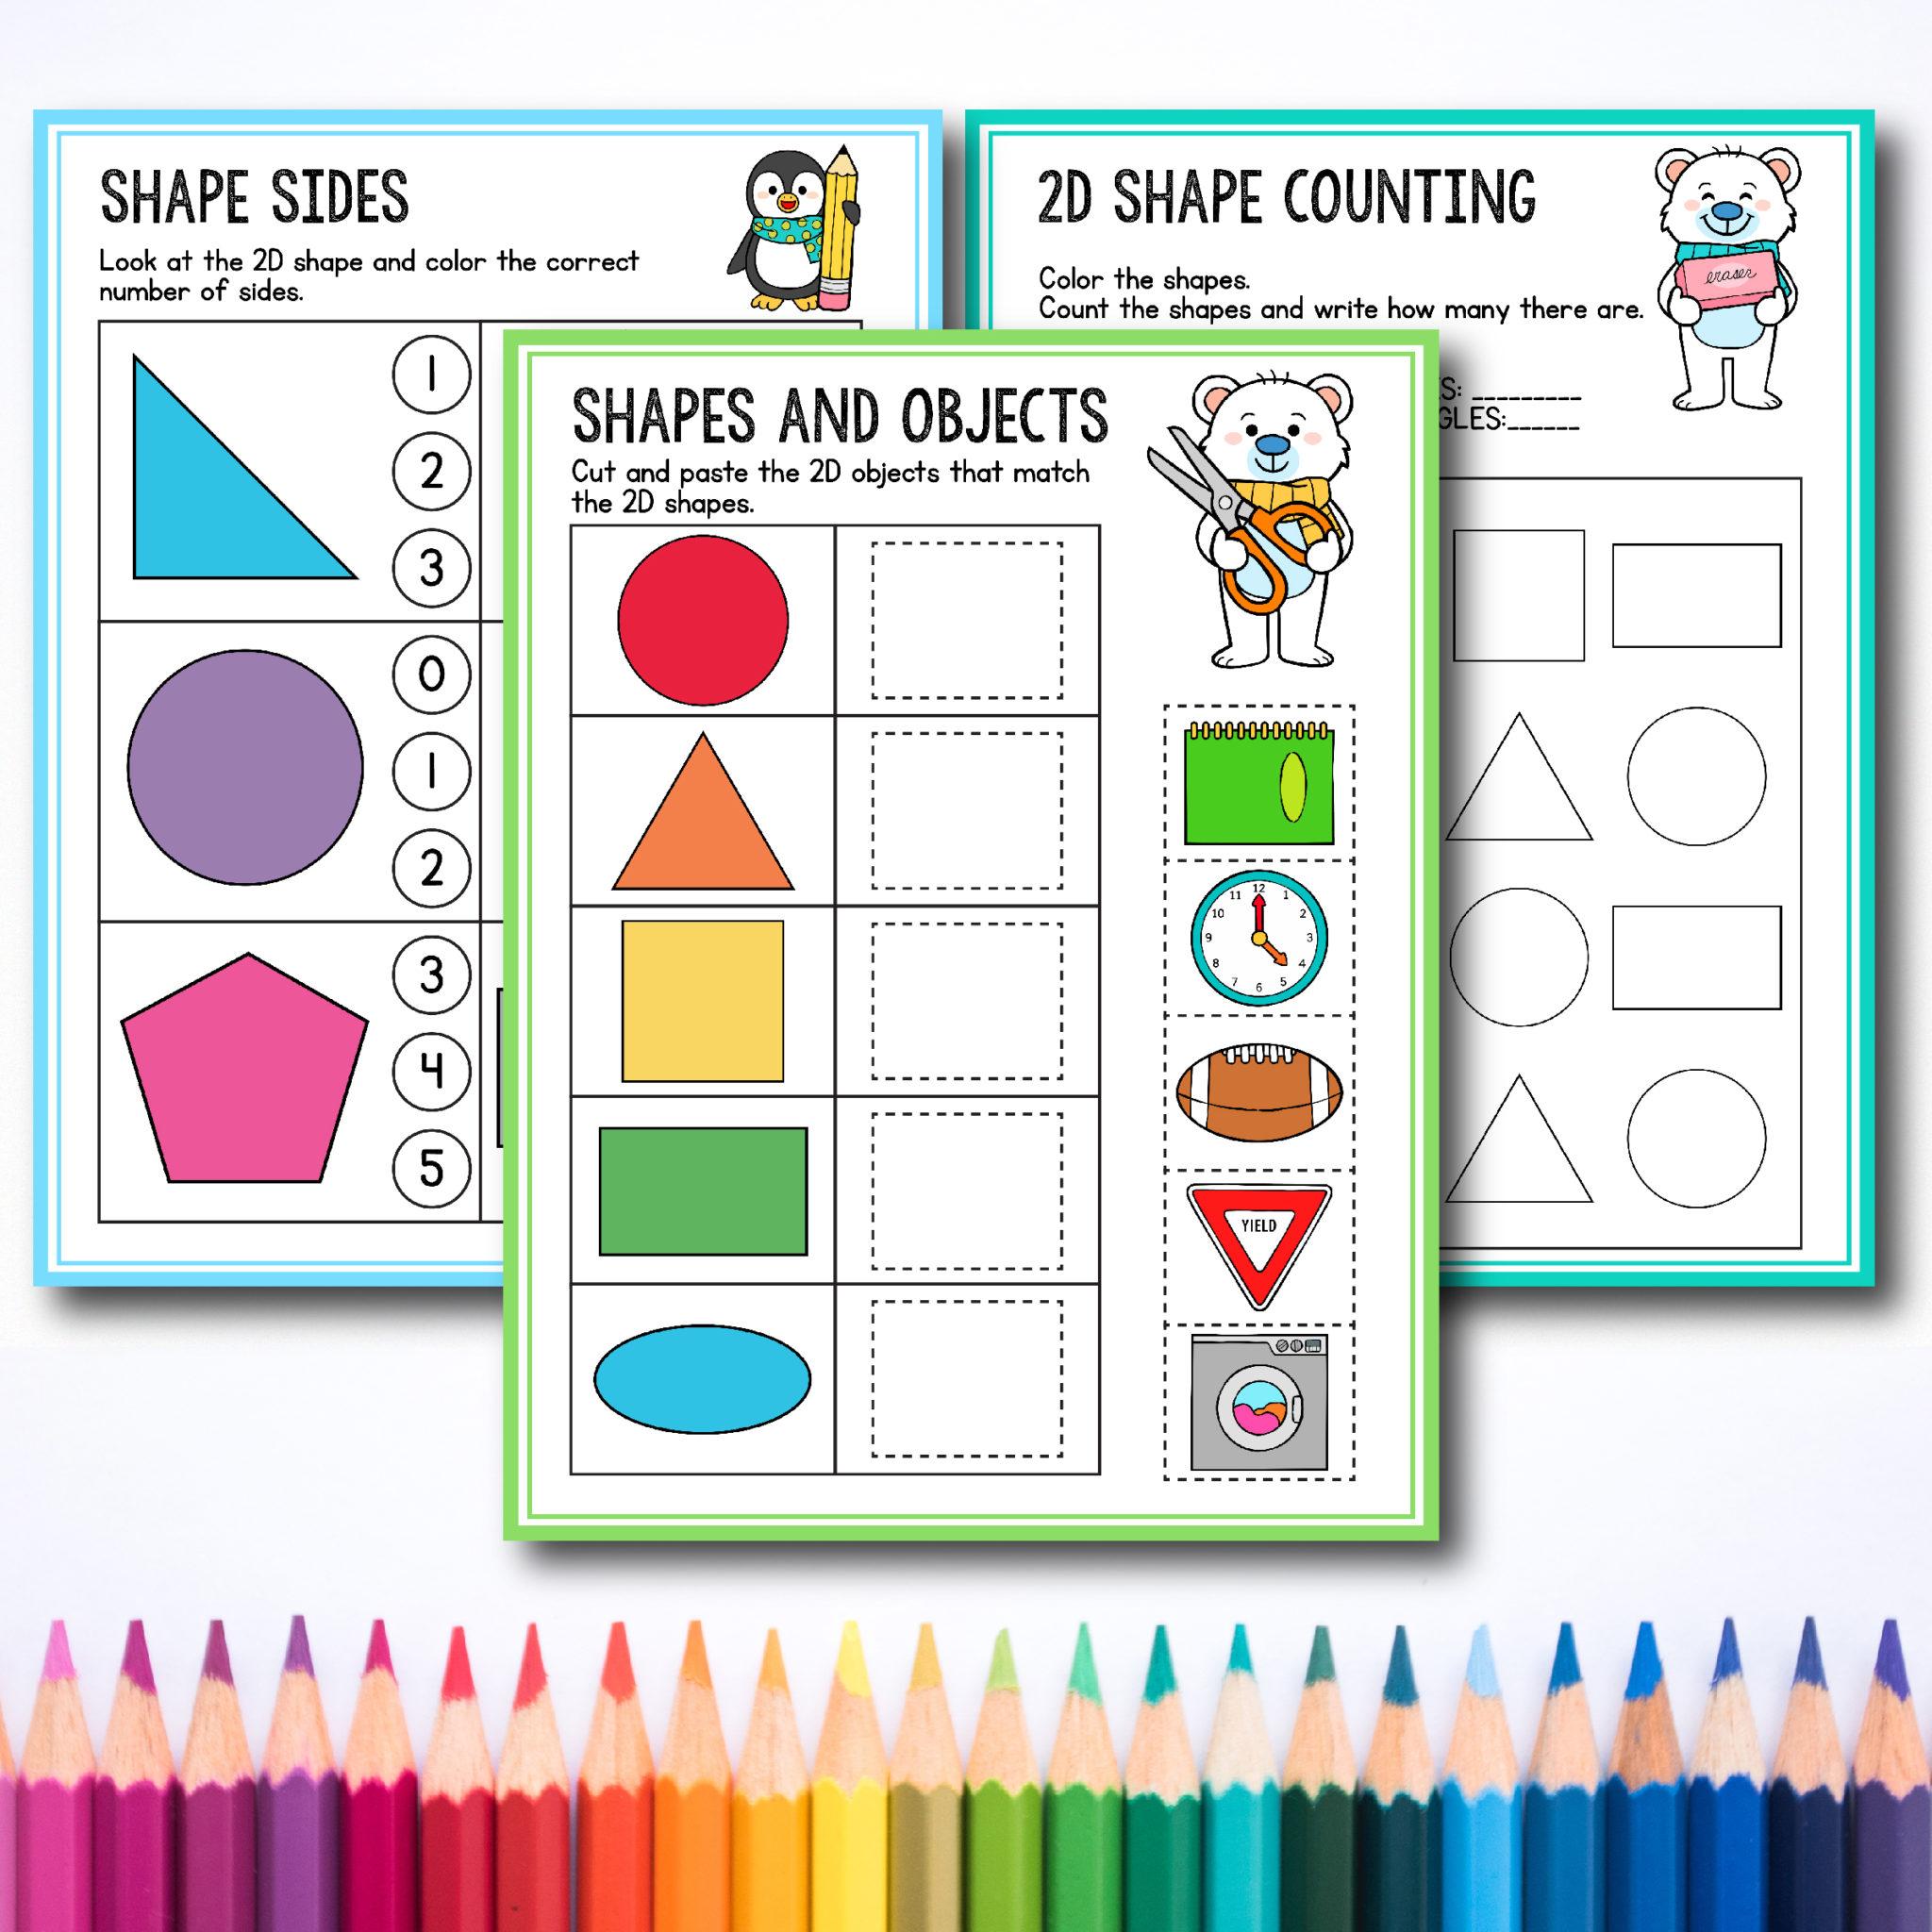 Free Preschool Amp Kindergarten Shapes Worksheets For